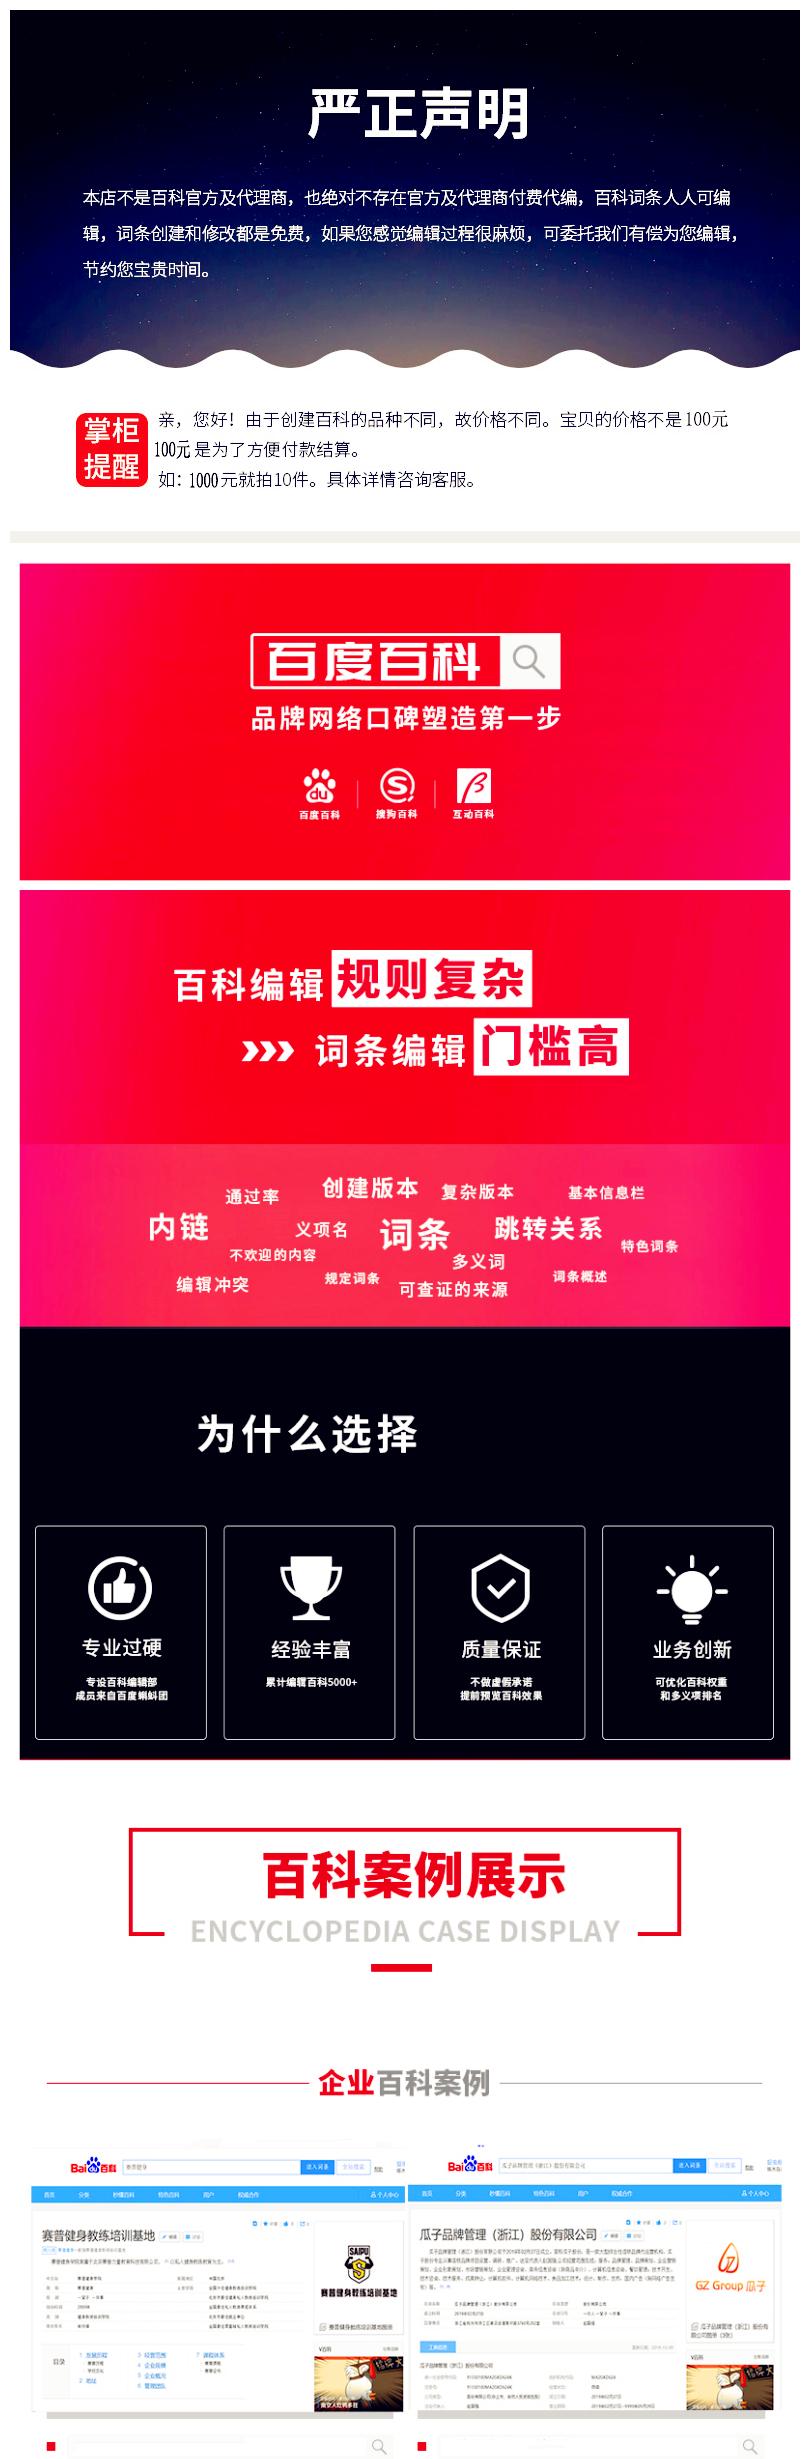 百度百科词条创建_搜狗百科_360百科-百科编辑修改口碑营销之百科